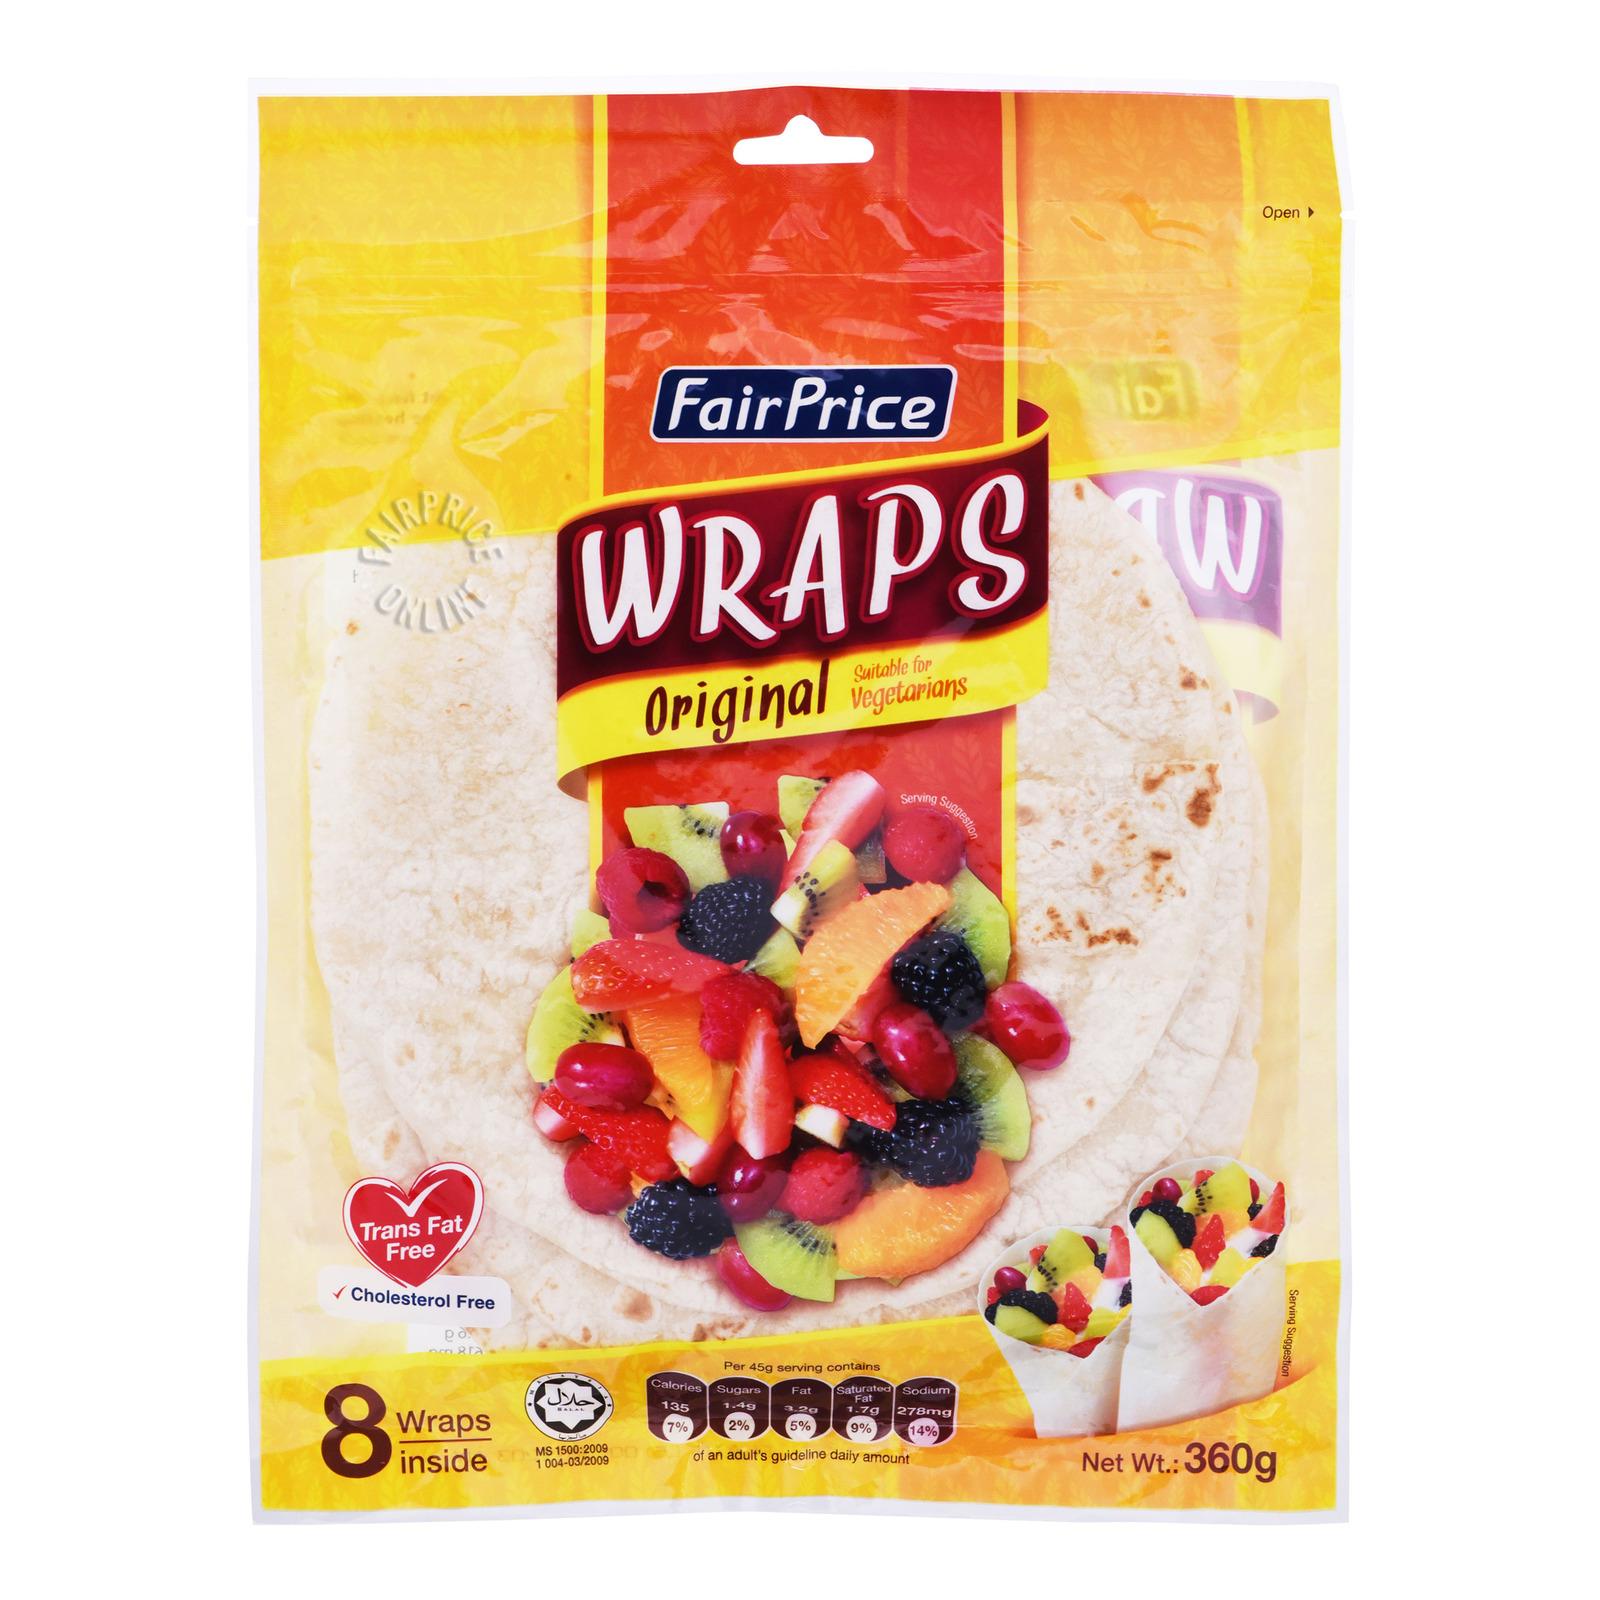 FairPrice Wraps - Original